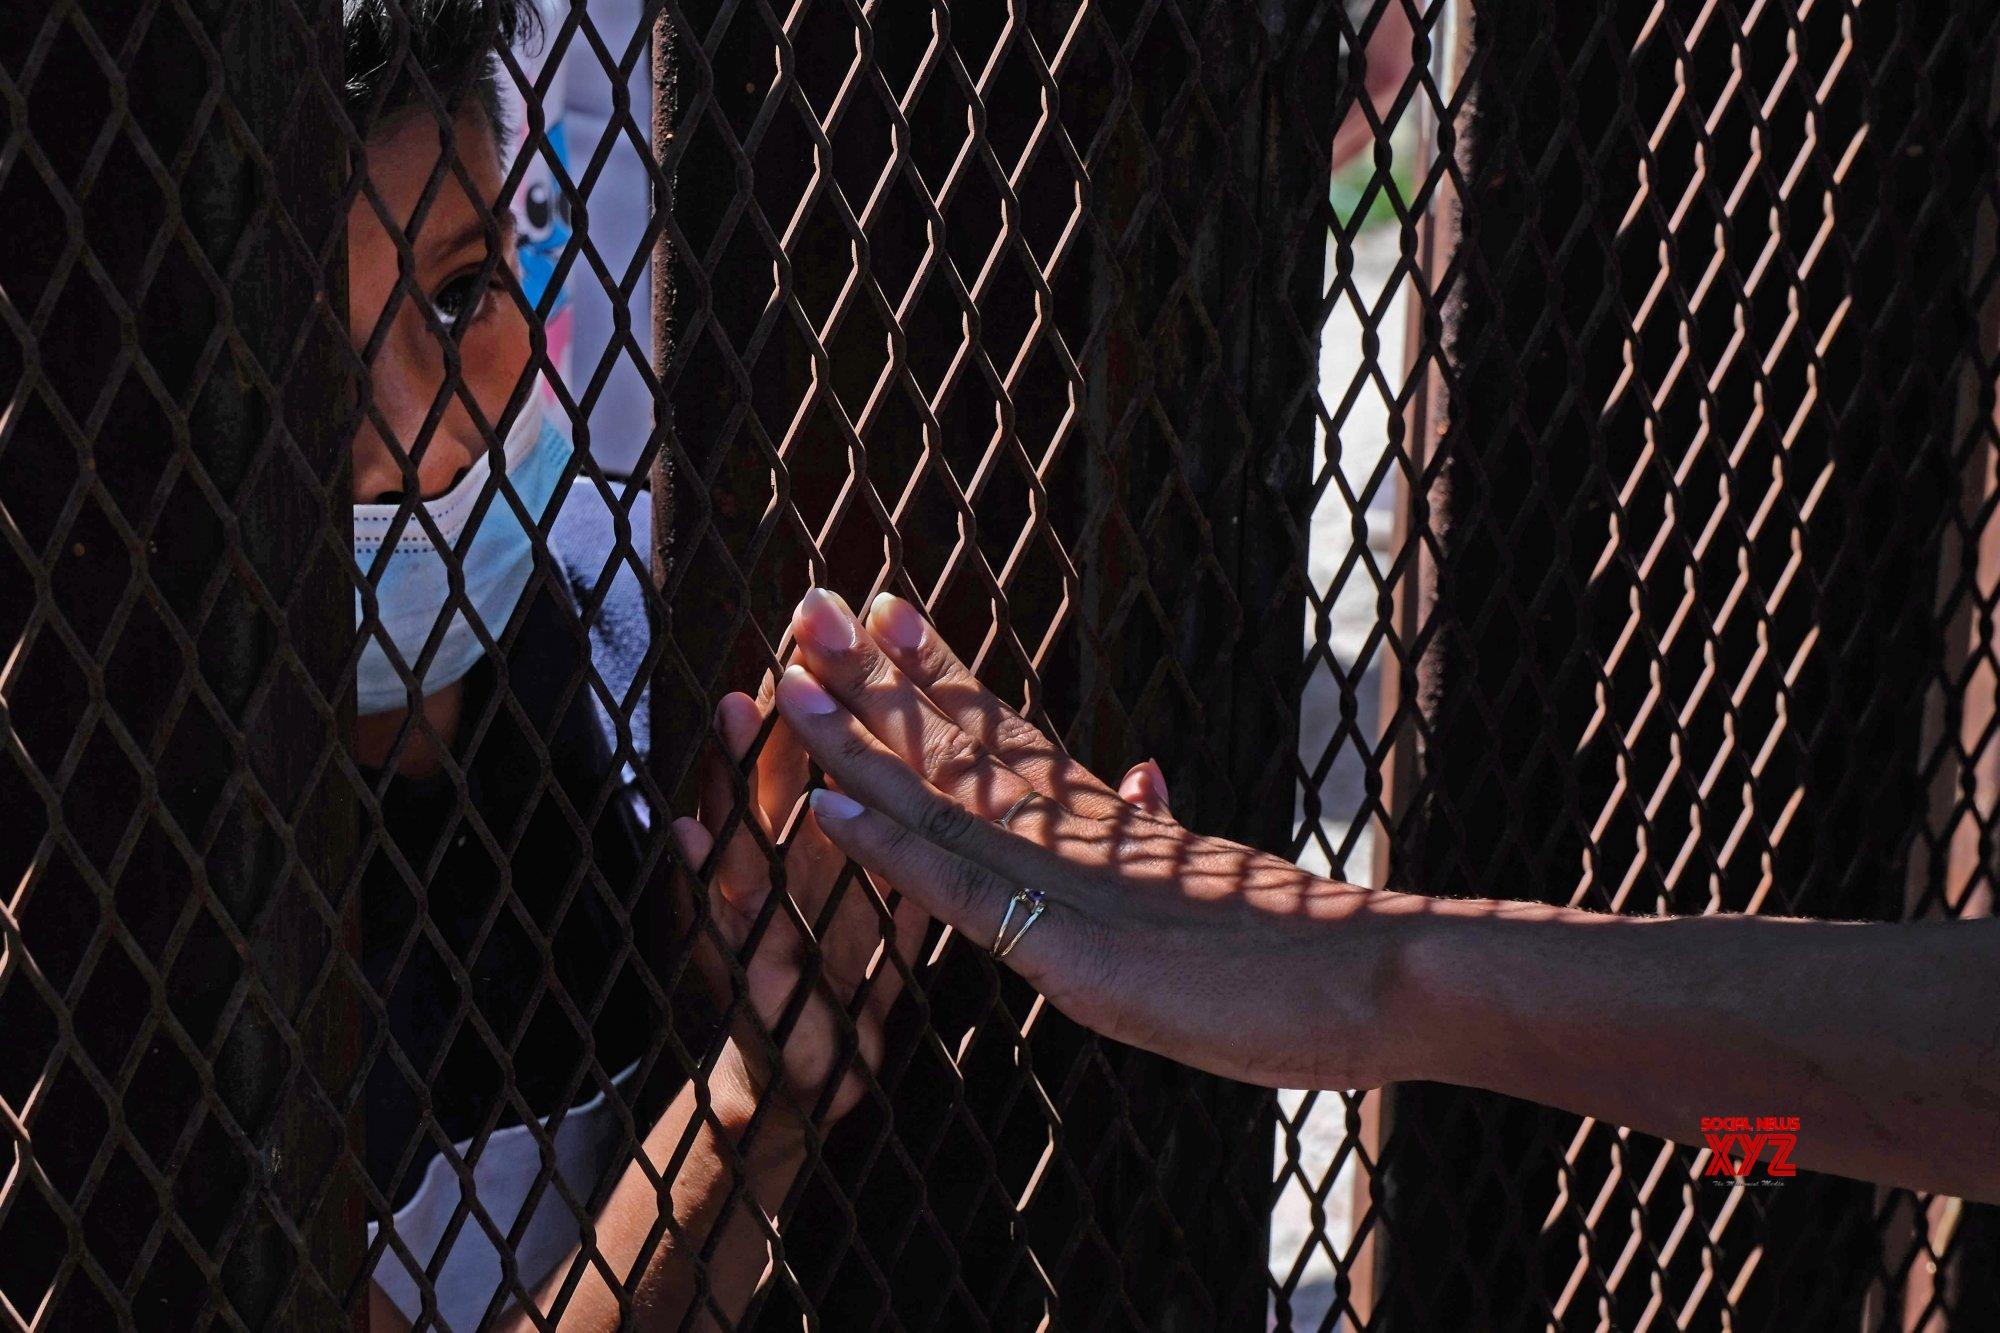 Biden raises refugee admissions cap to 62,500 after backlash